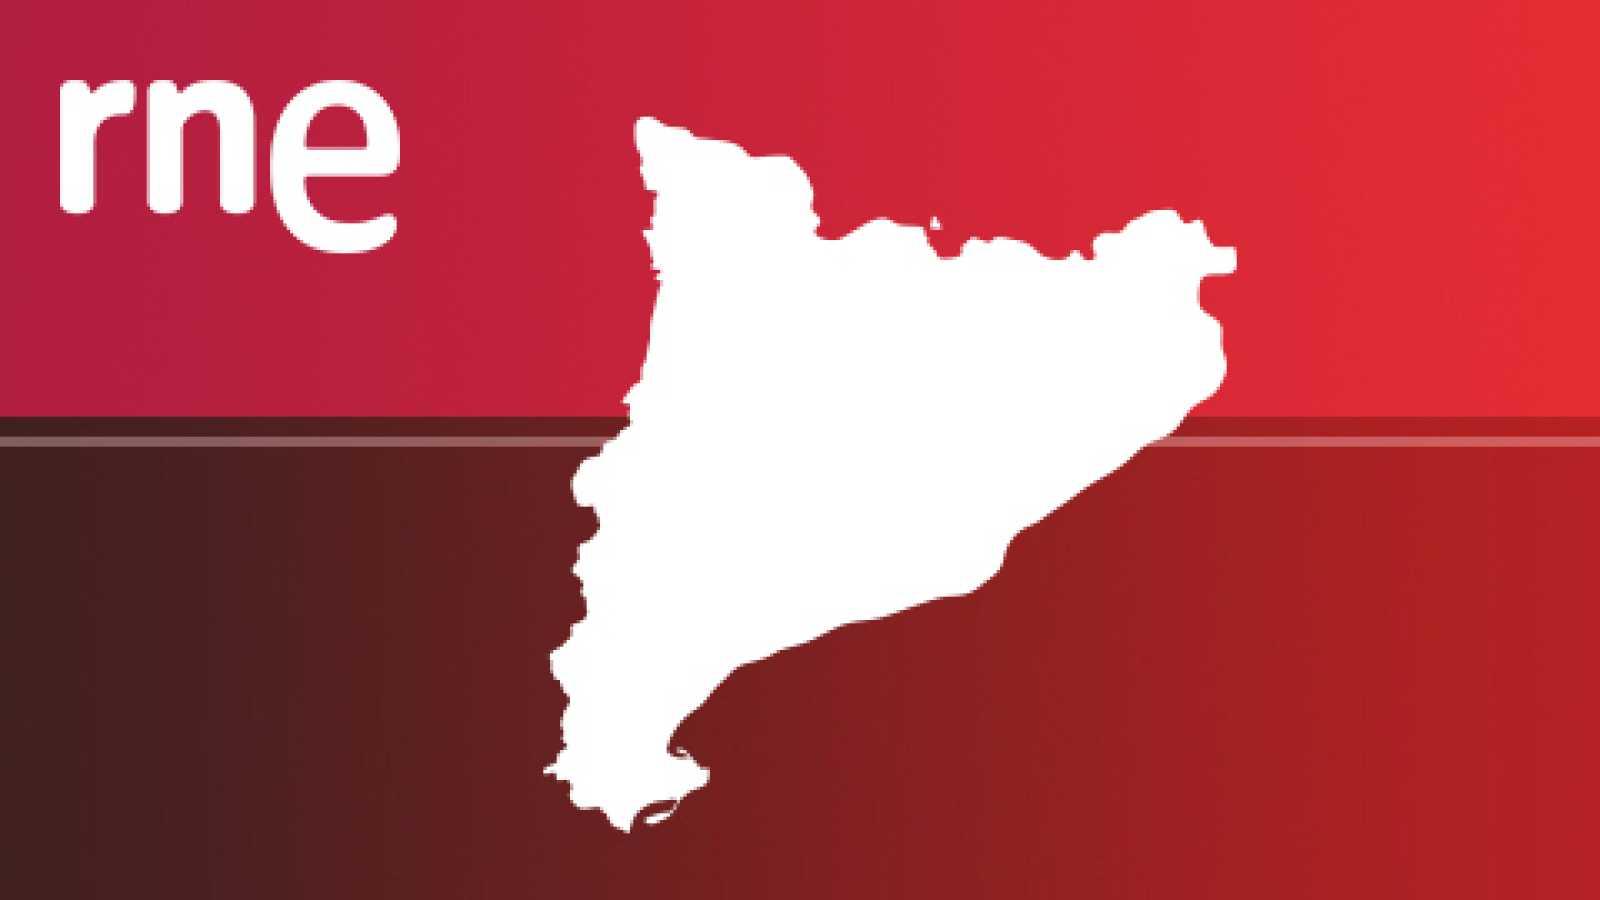 Edició matí Girona- Obre el punt de vacunació massiva a Girona